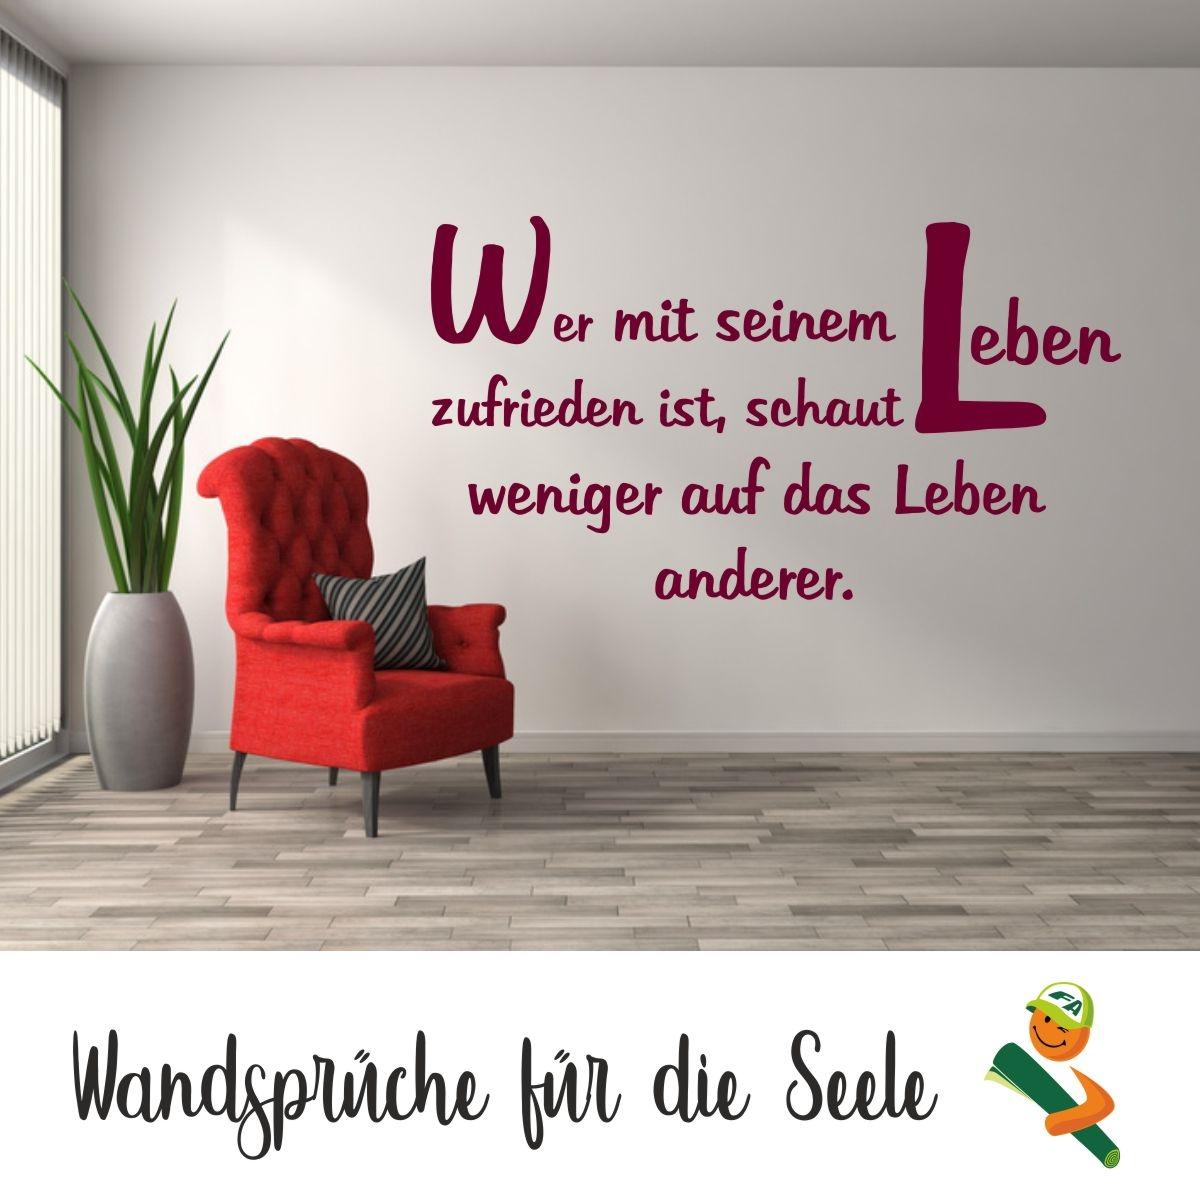 Full Size of Wandsprüche österreich Wandsprüche Selber Schreiben Wandsprüche Selber Gestalten Wandsprüche Für Die Küche Küche Wandsprüche